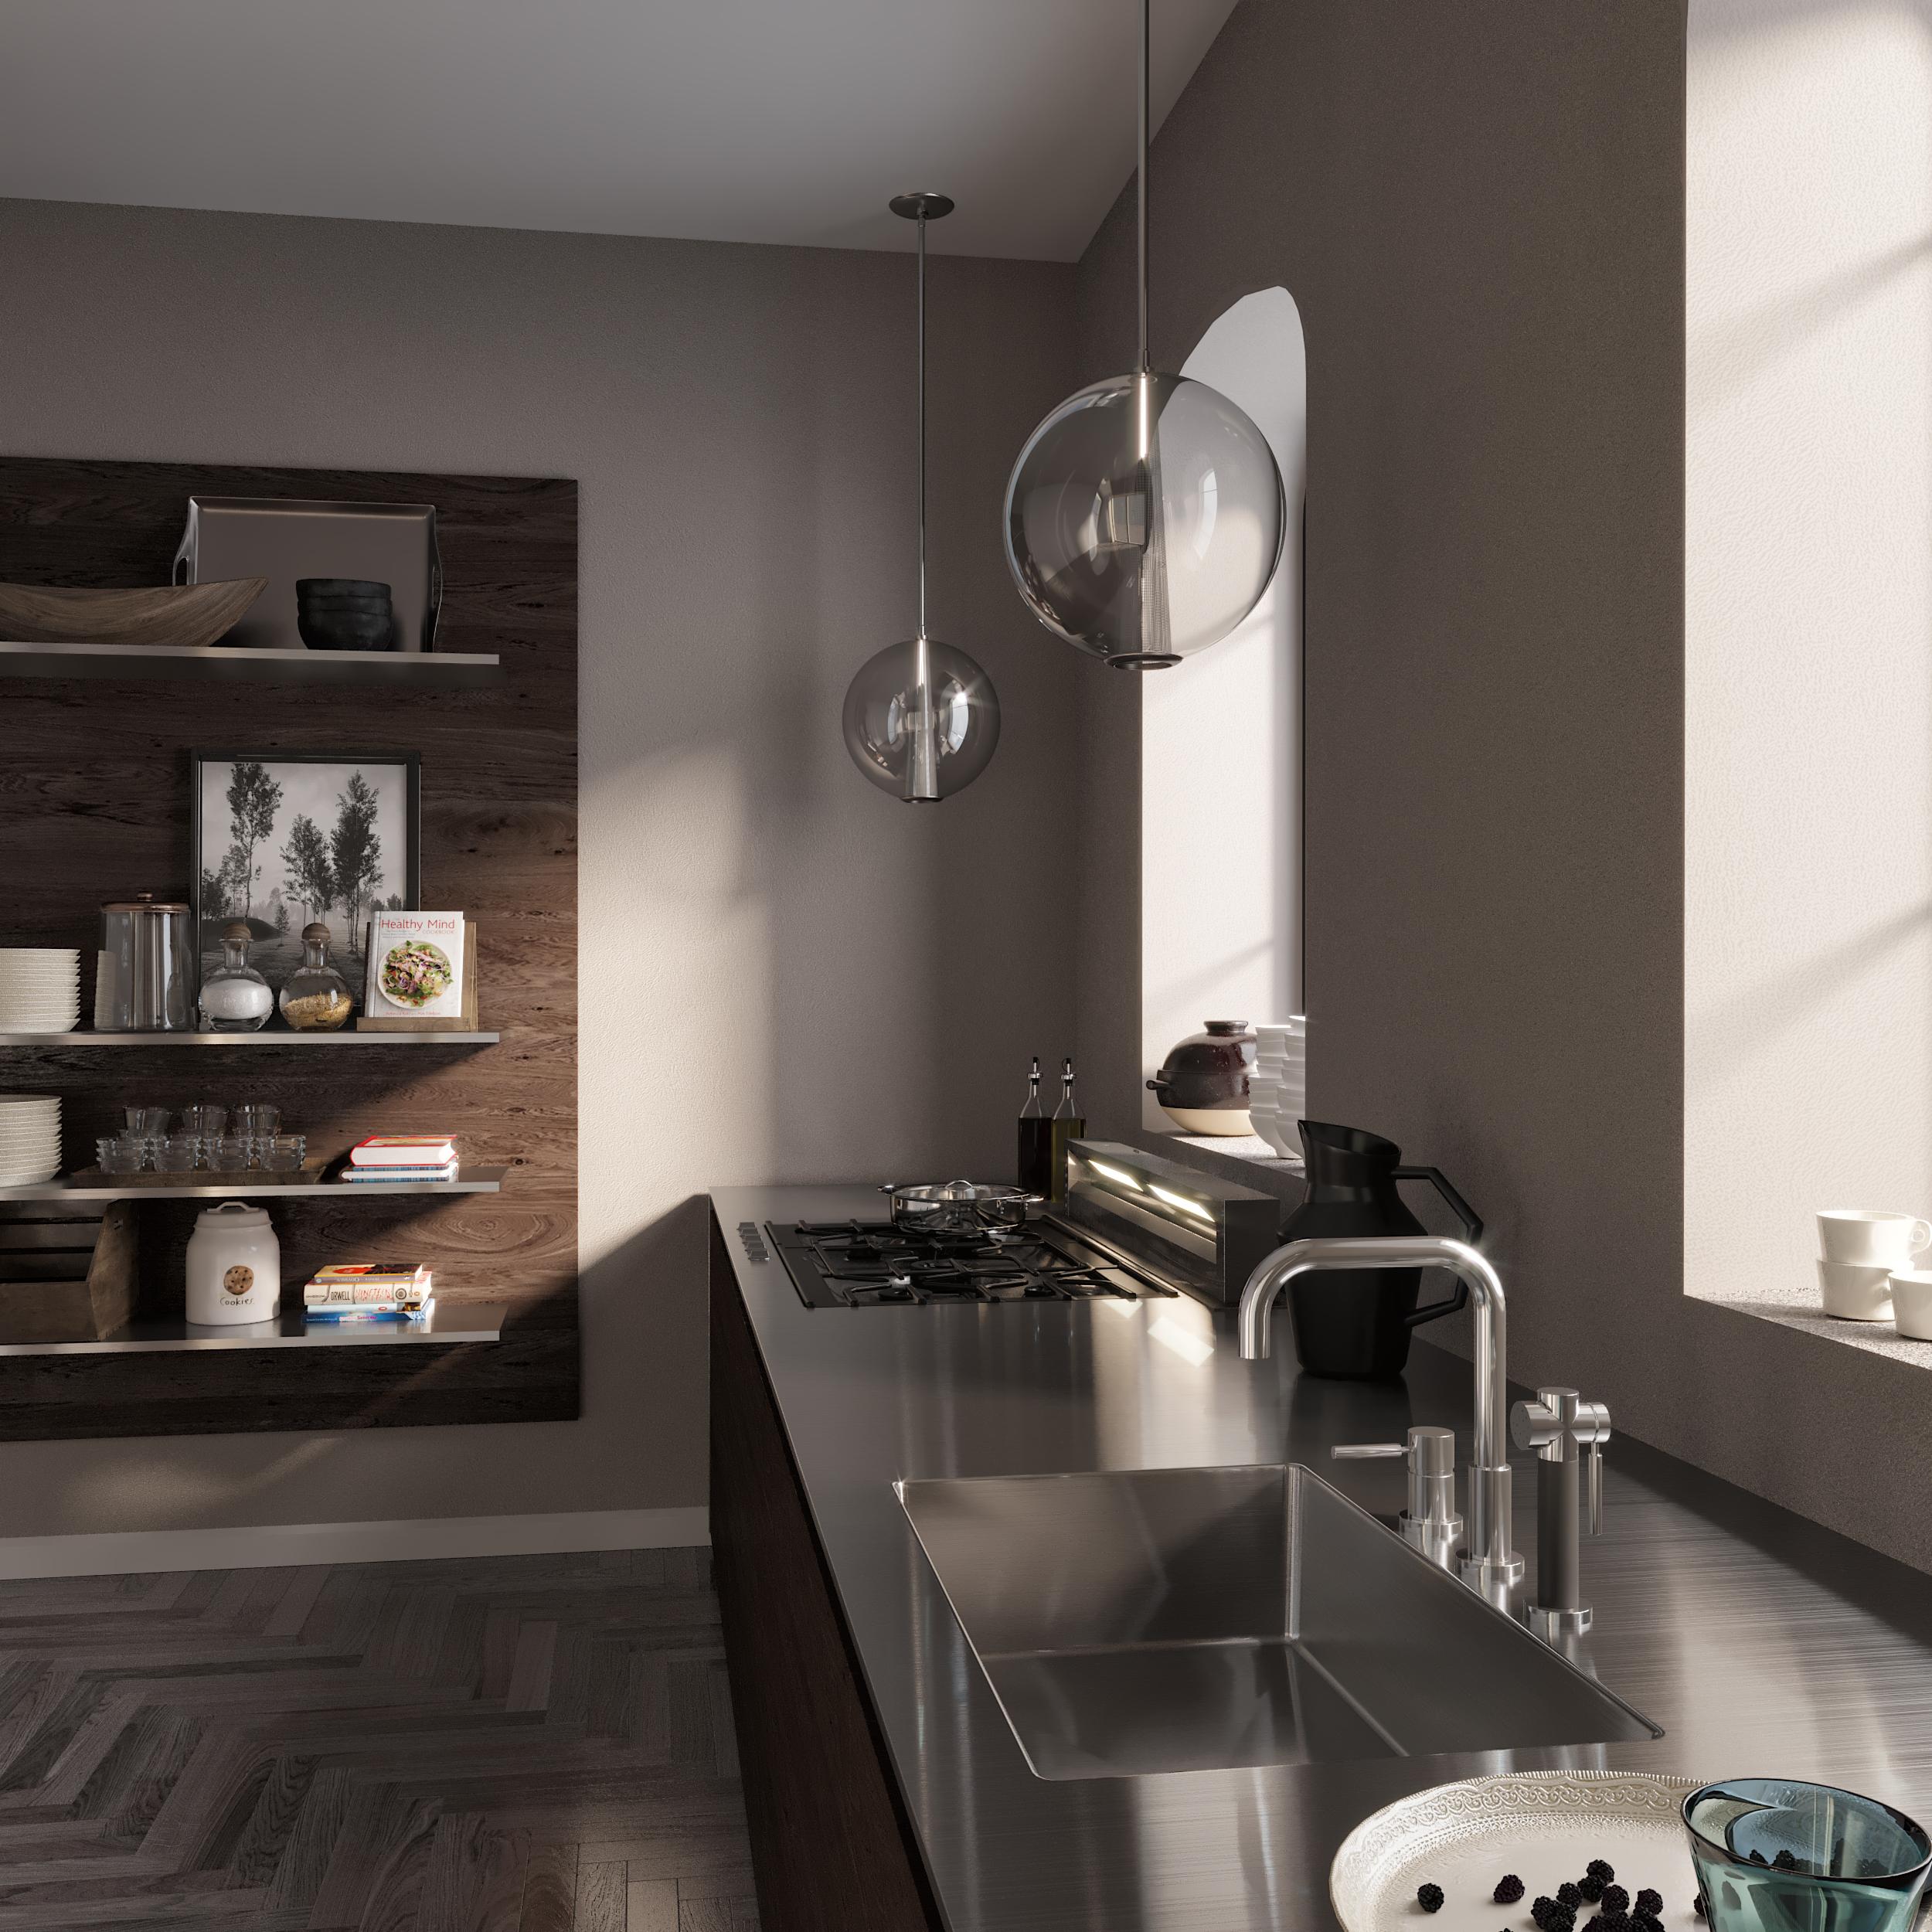 Come Scegliere la Cucina: i consigli dell'architetto per non sbagliare